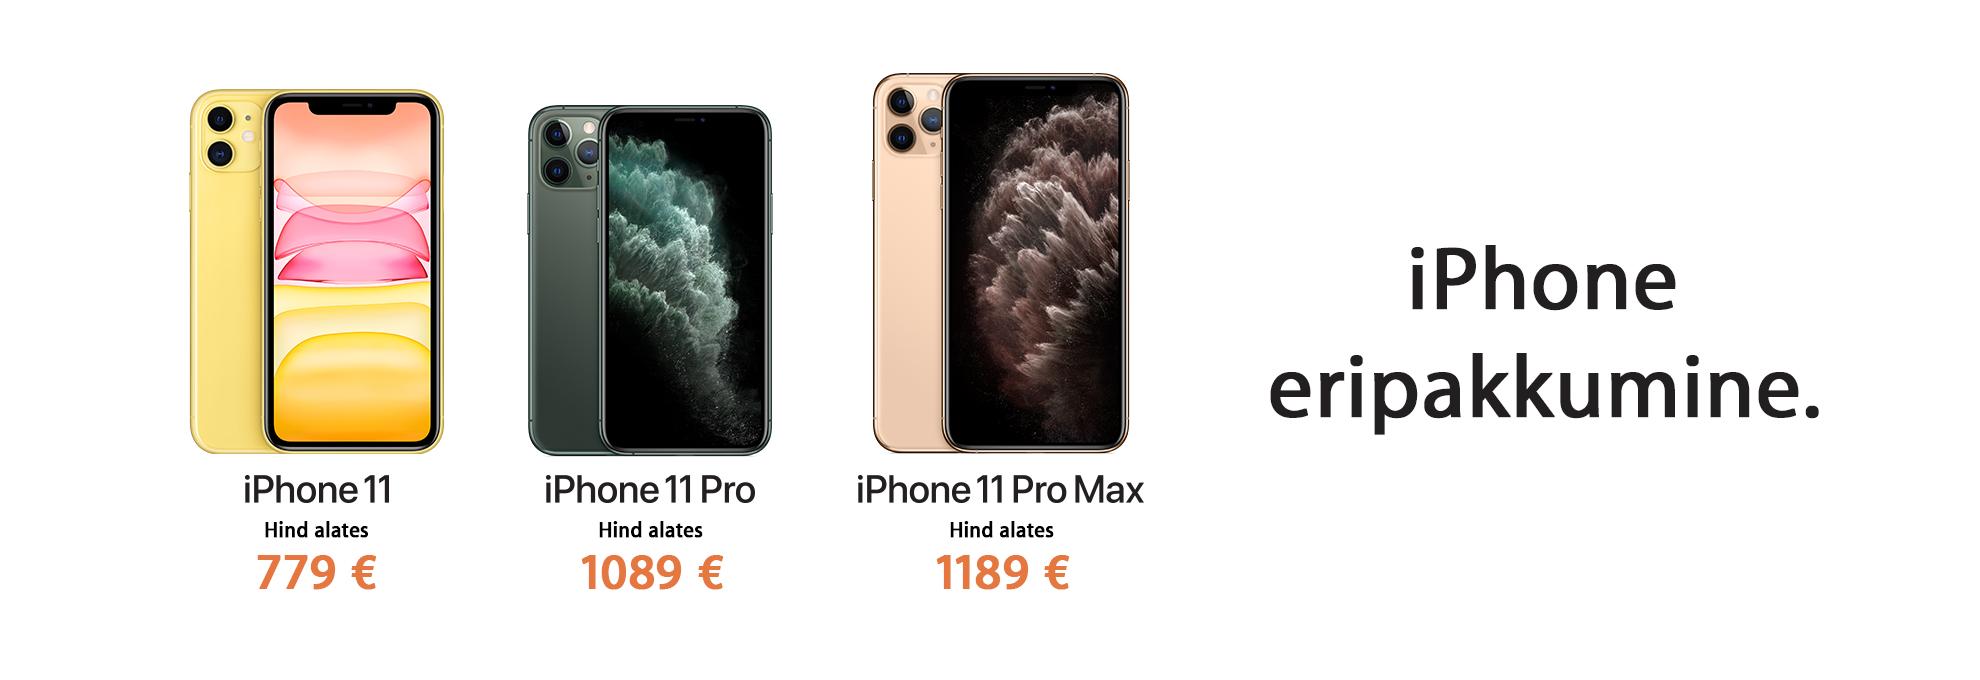 iPhone 11 eripakkumine